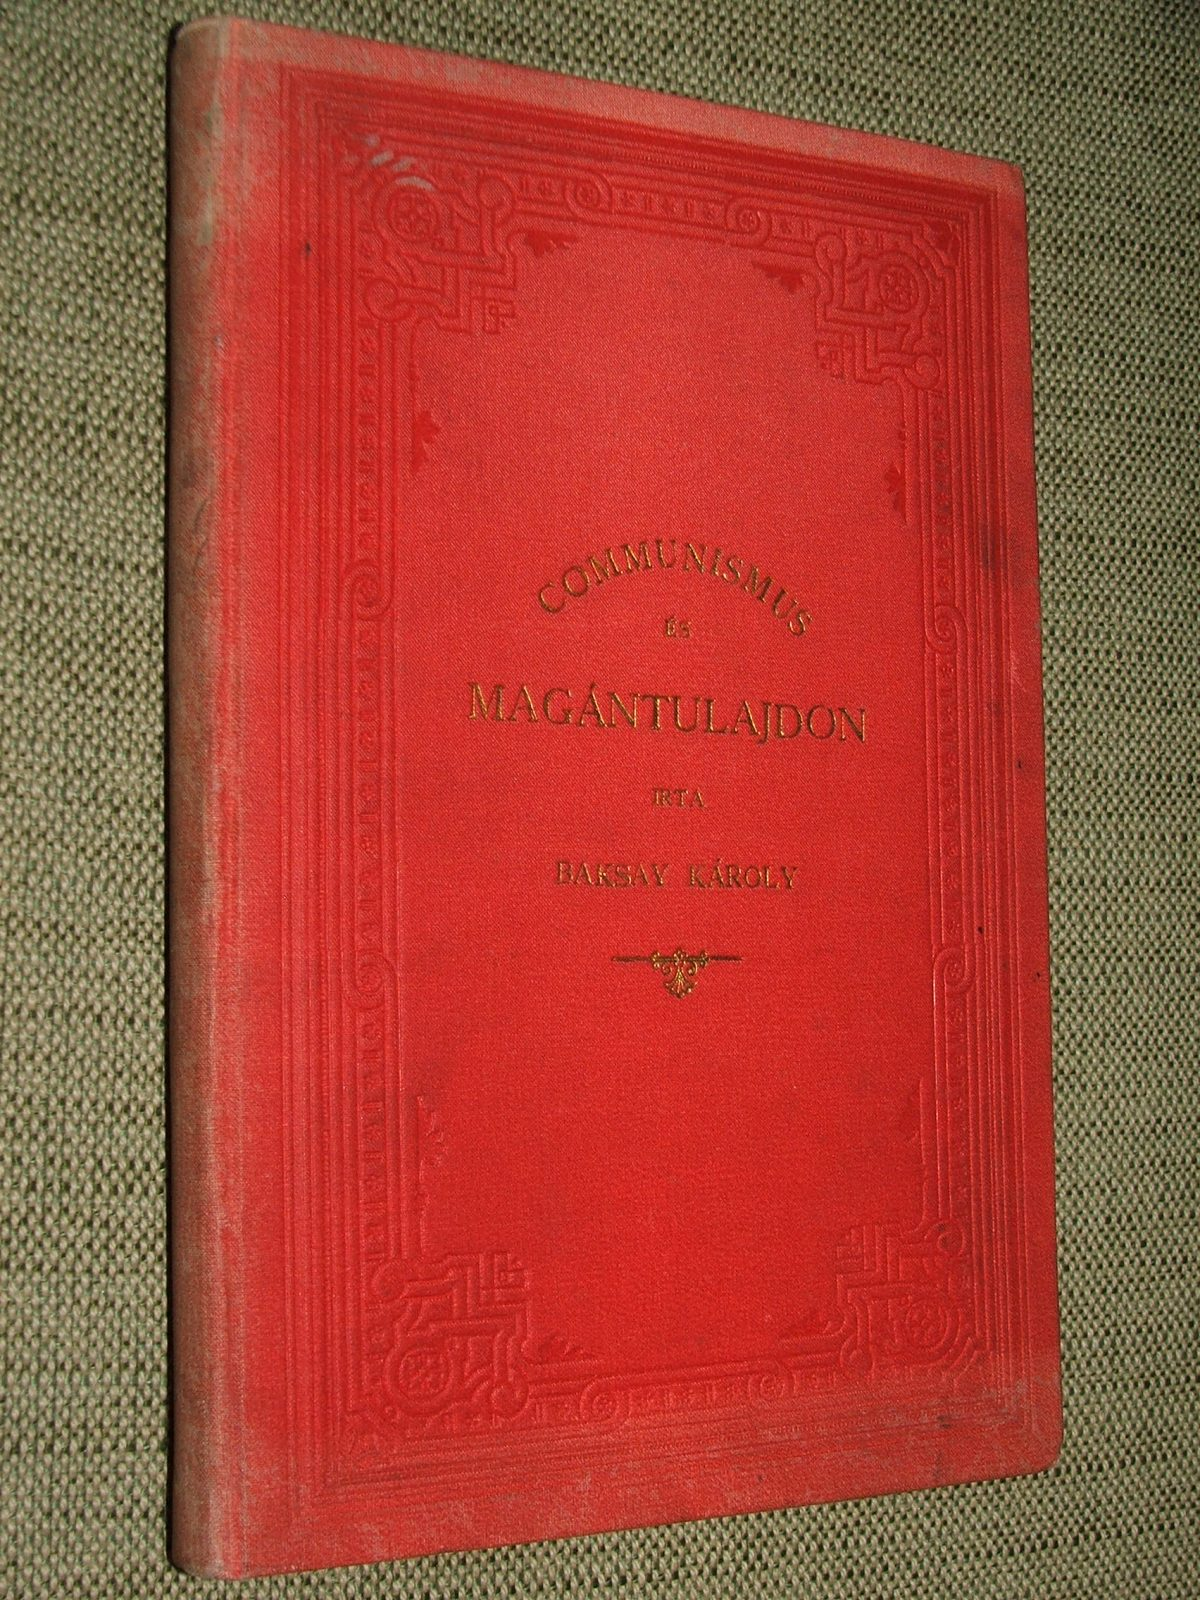 BAKSAY Károly: Communismus és magántulajdon keresztény-társadalmi szempontból.